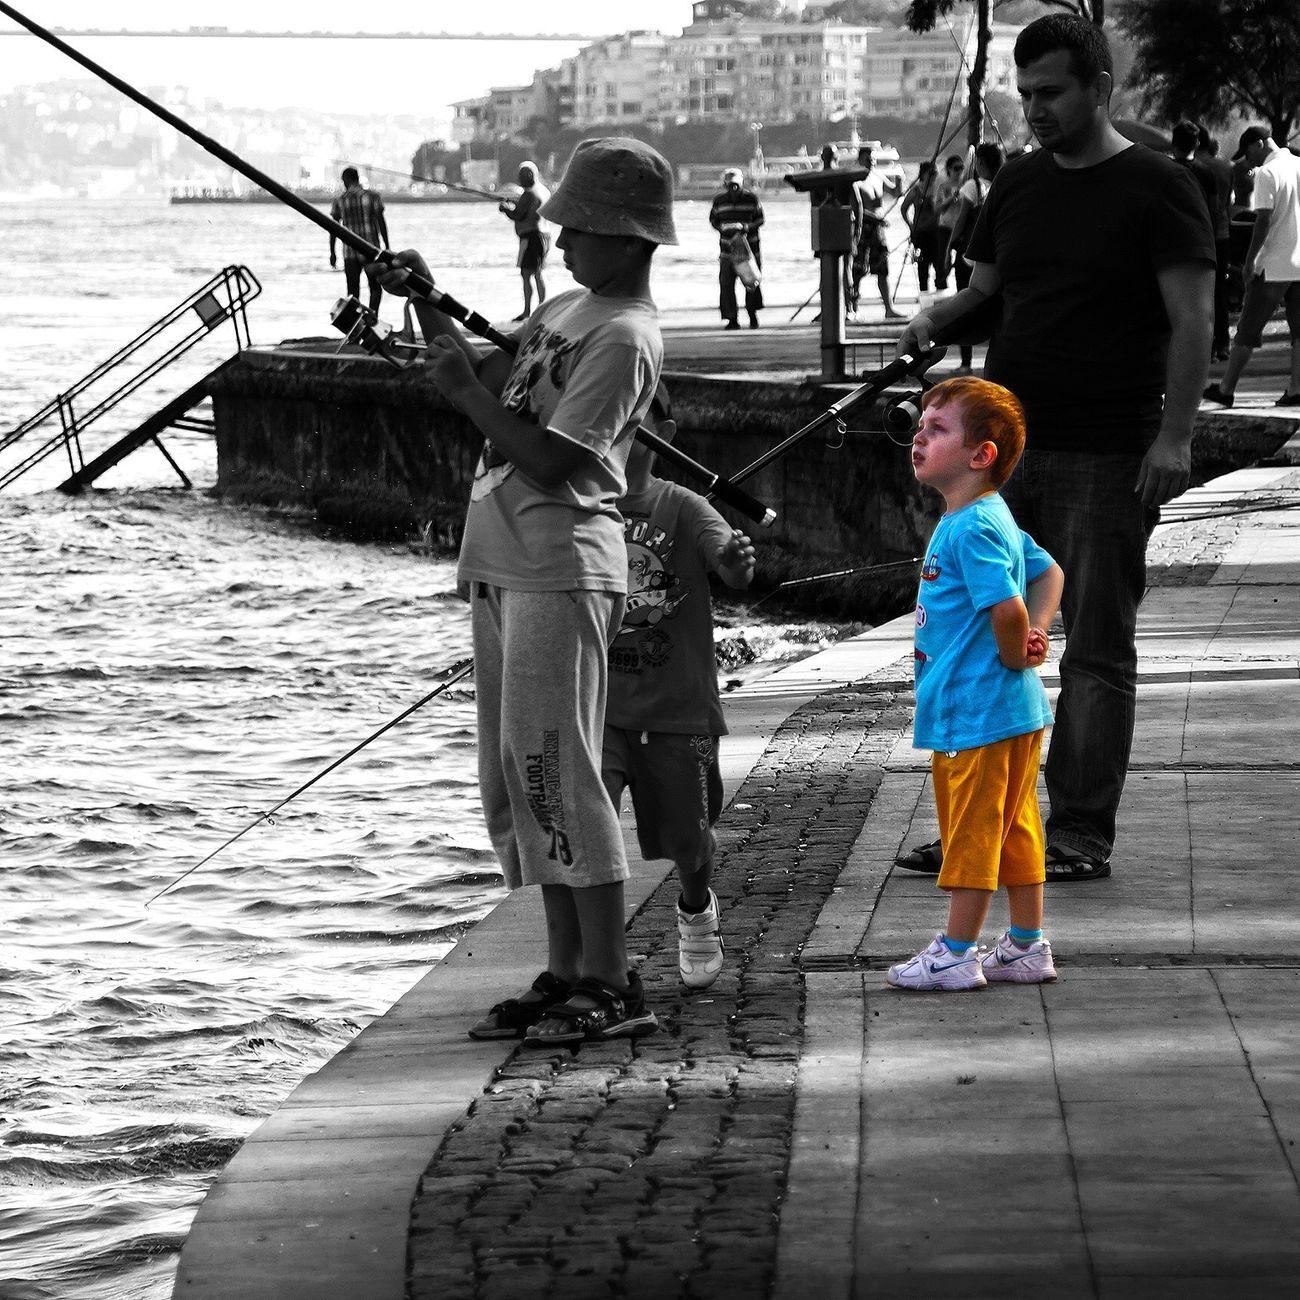 Cırious glance... Meraklı ve ürkek bakışlarla izlemek.. We Are Photography, We Are EyeEm EyeEm Best Shots FocusOn